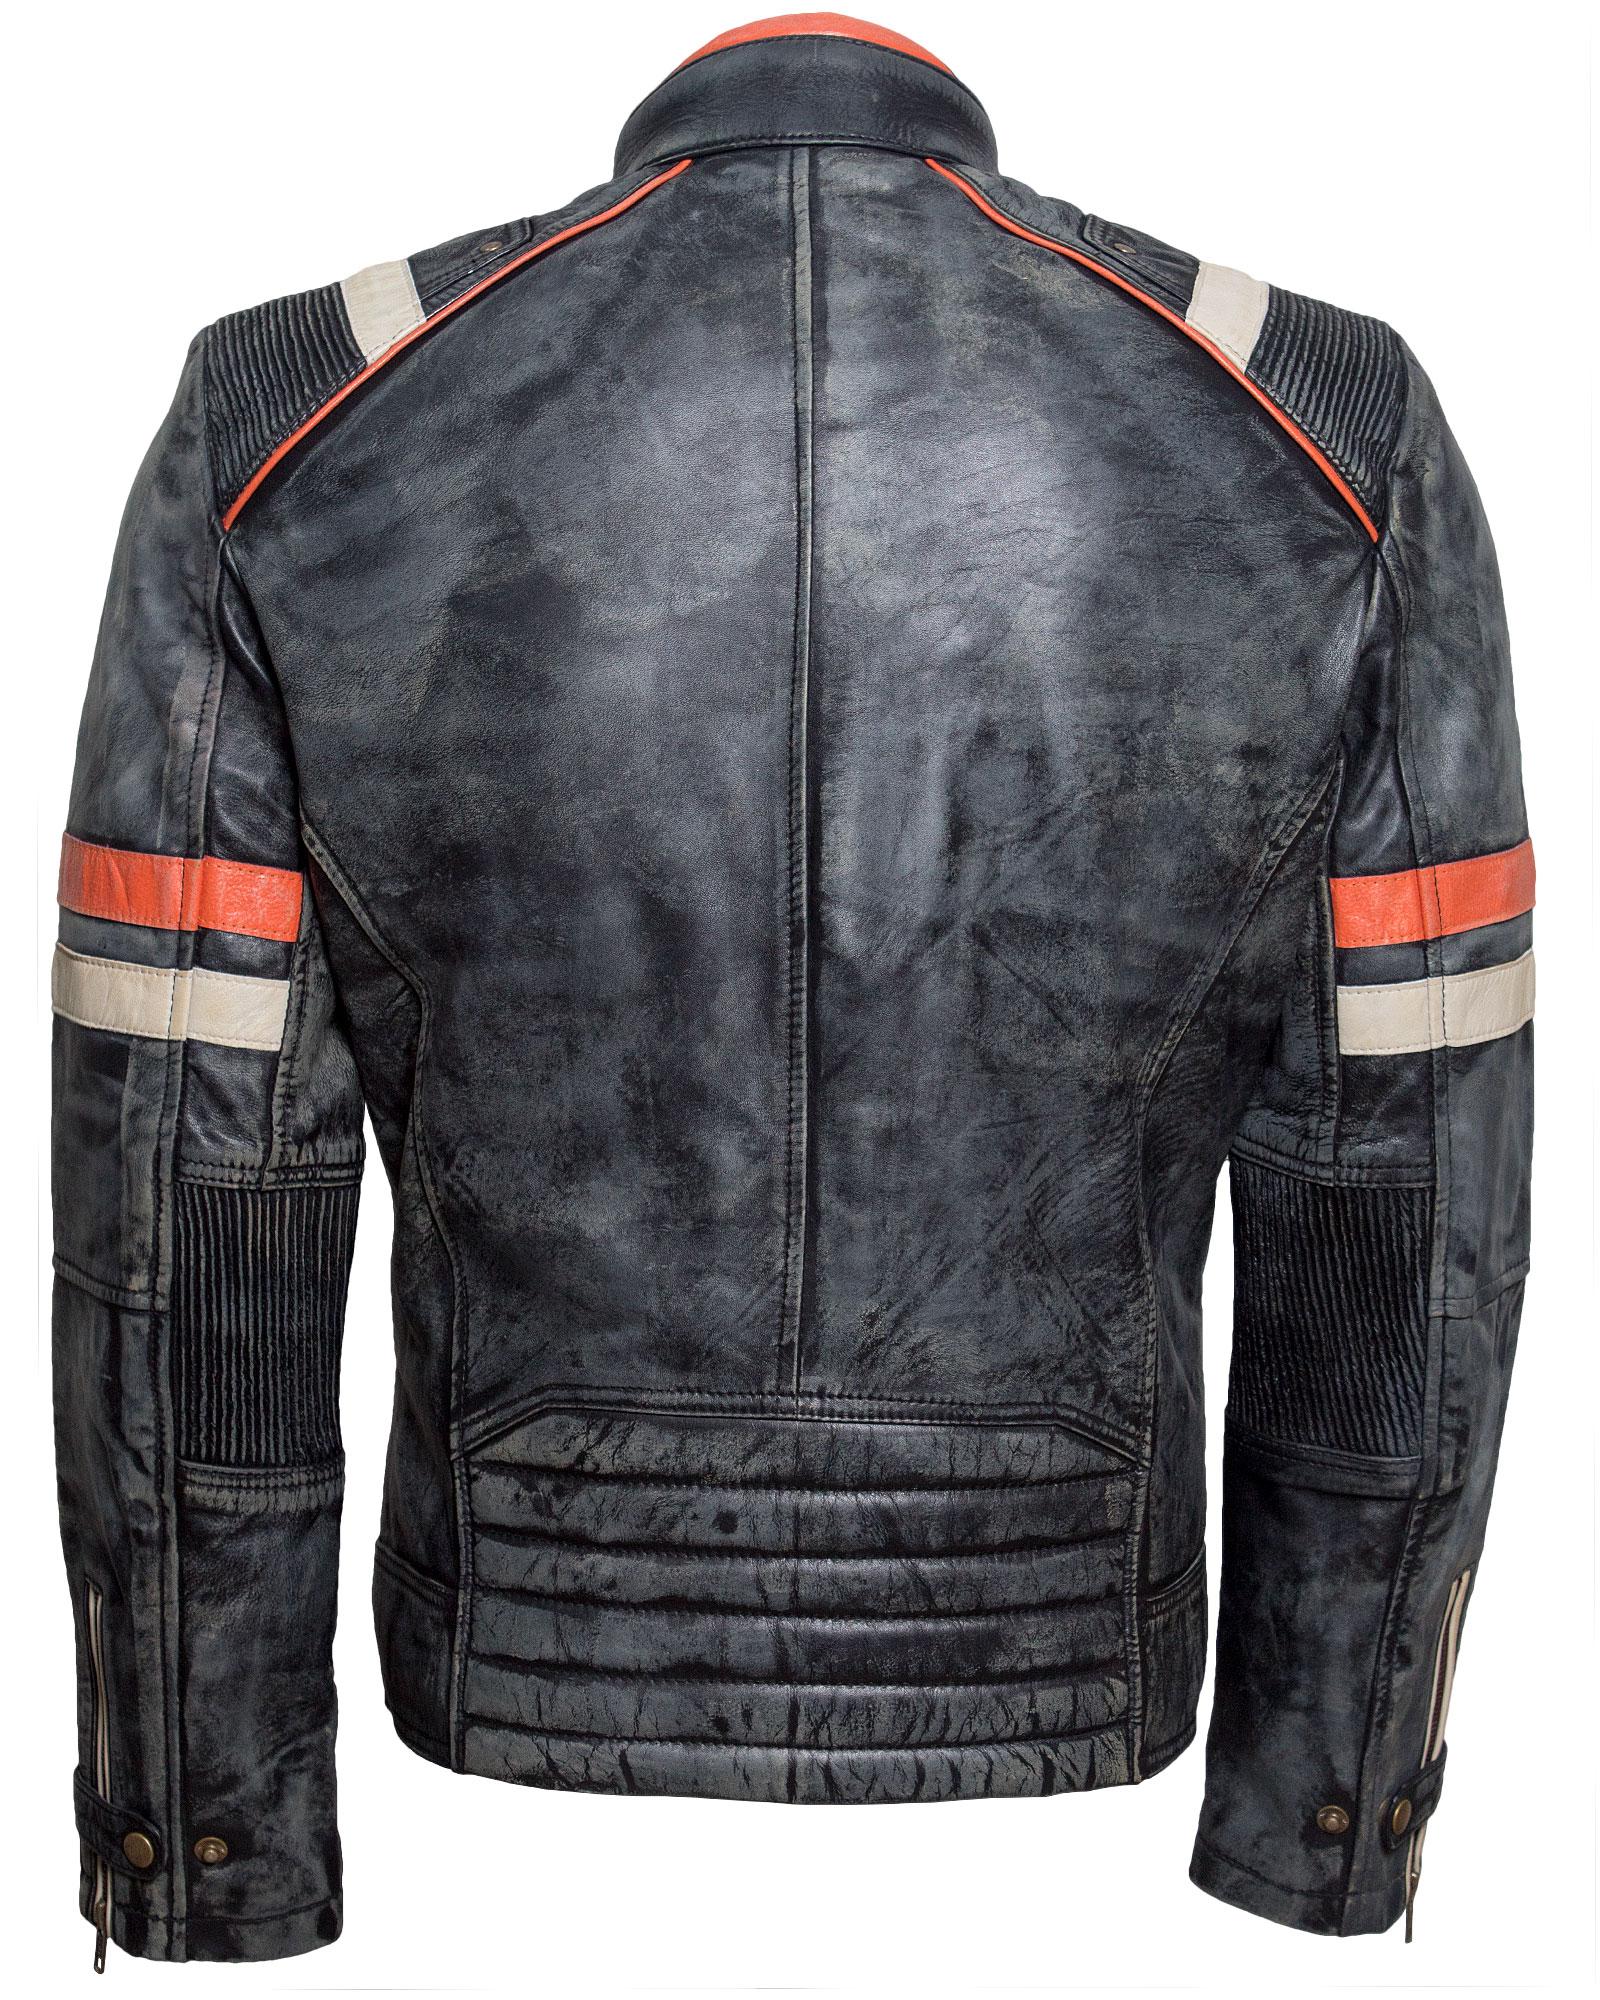 Retro 2 Cafe Racer Jacket